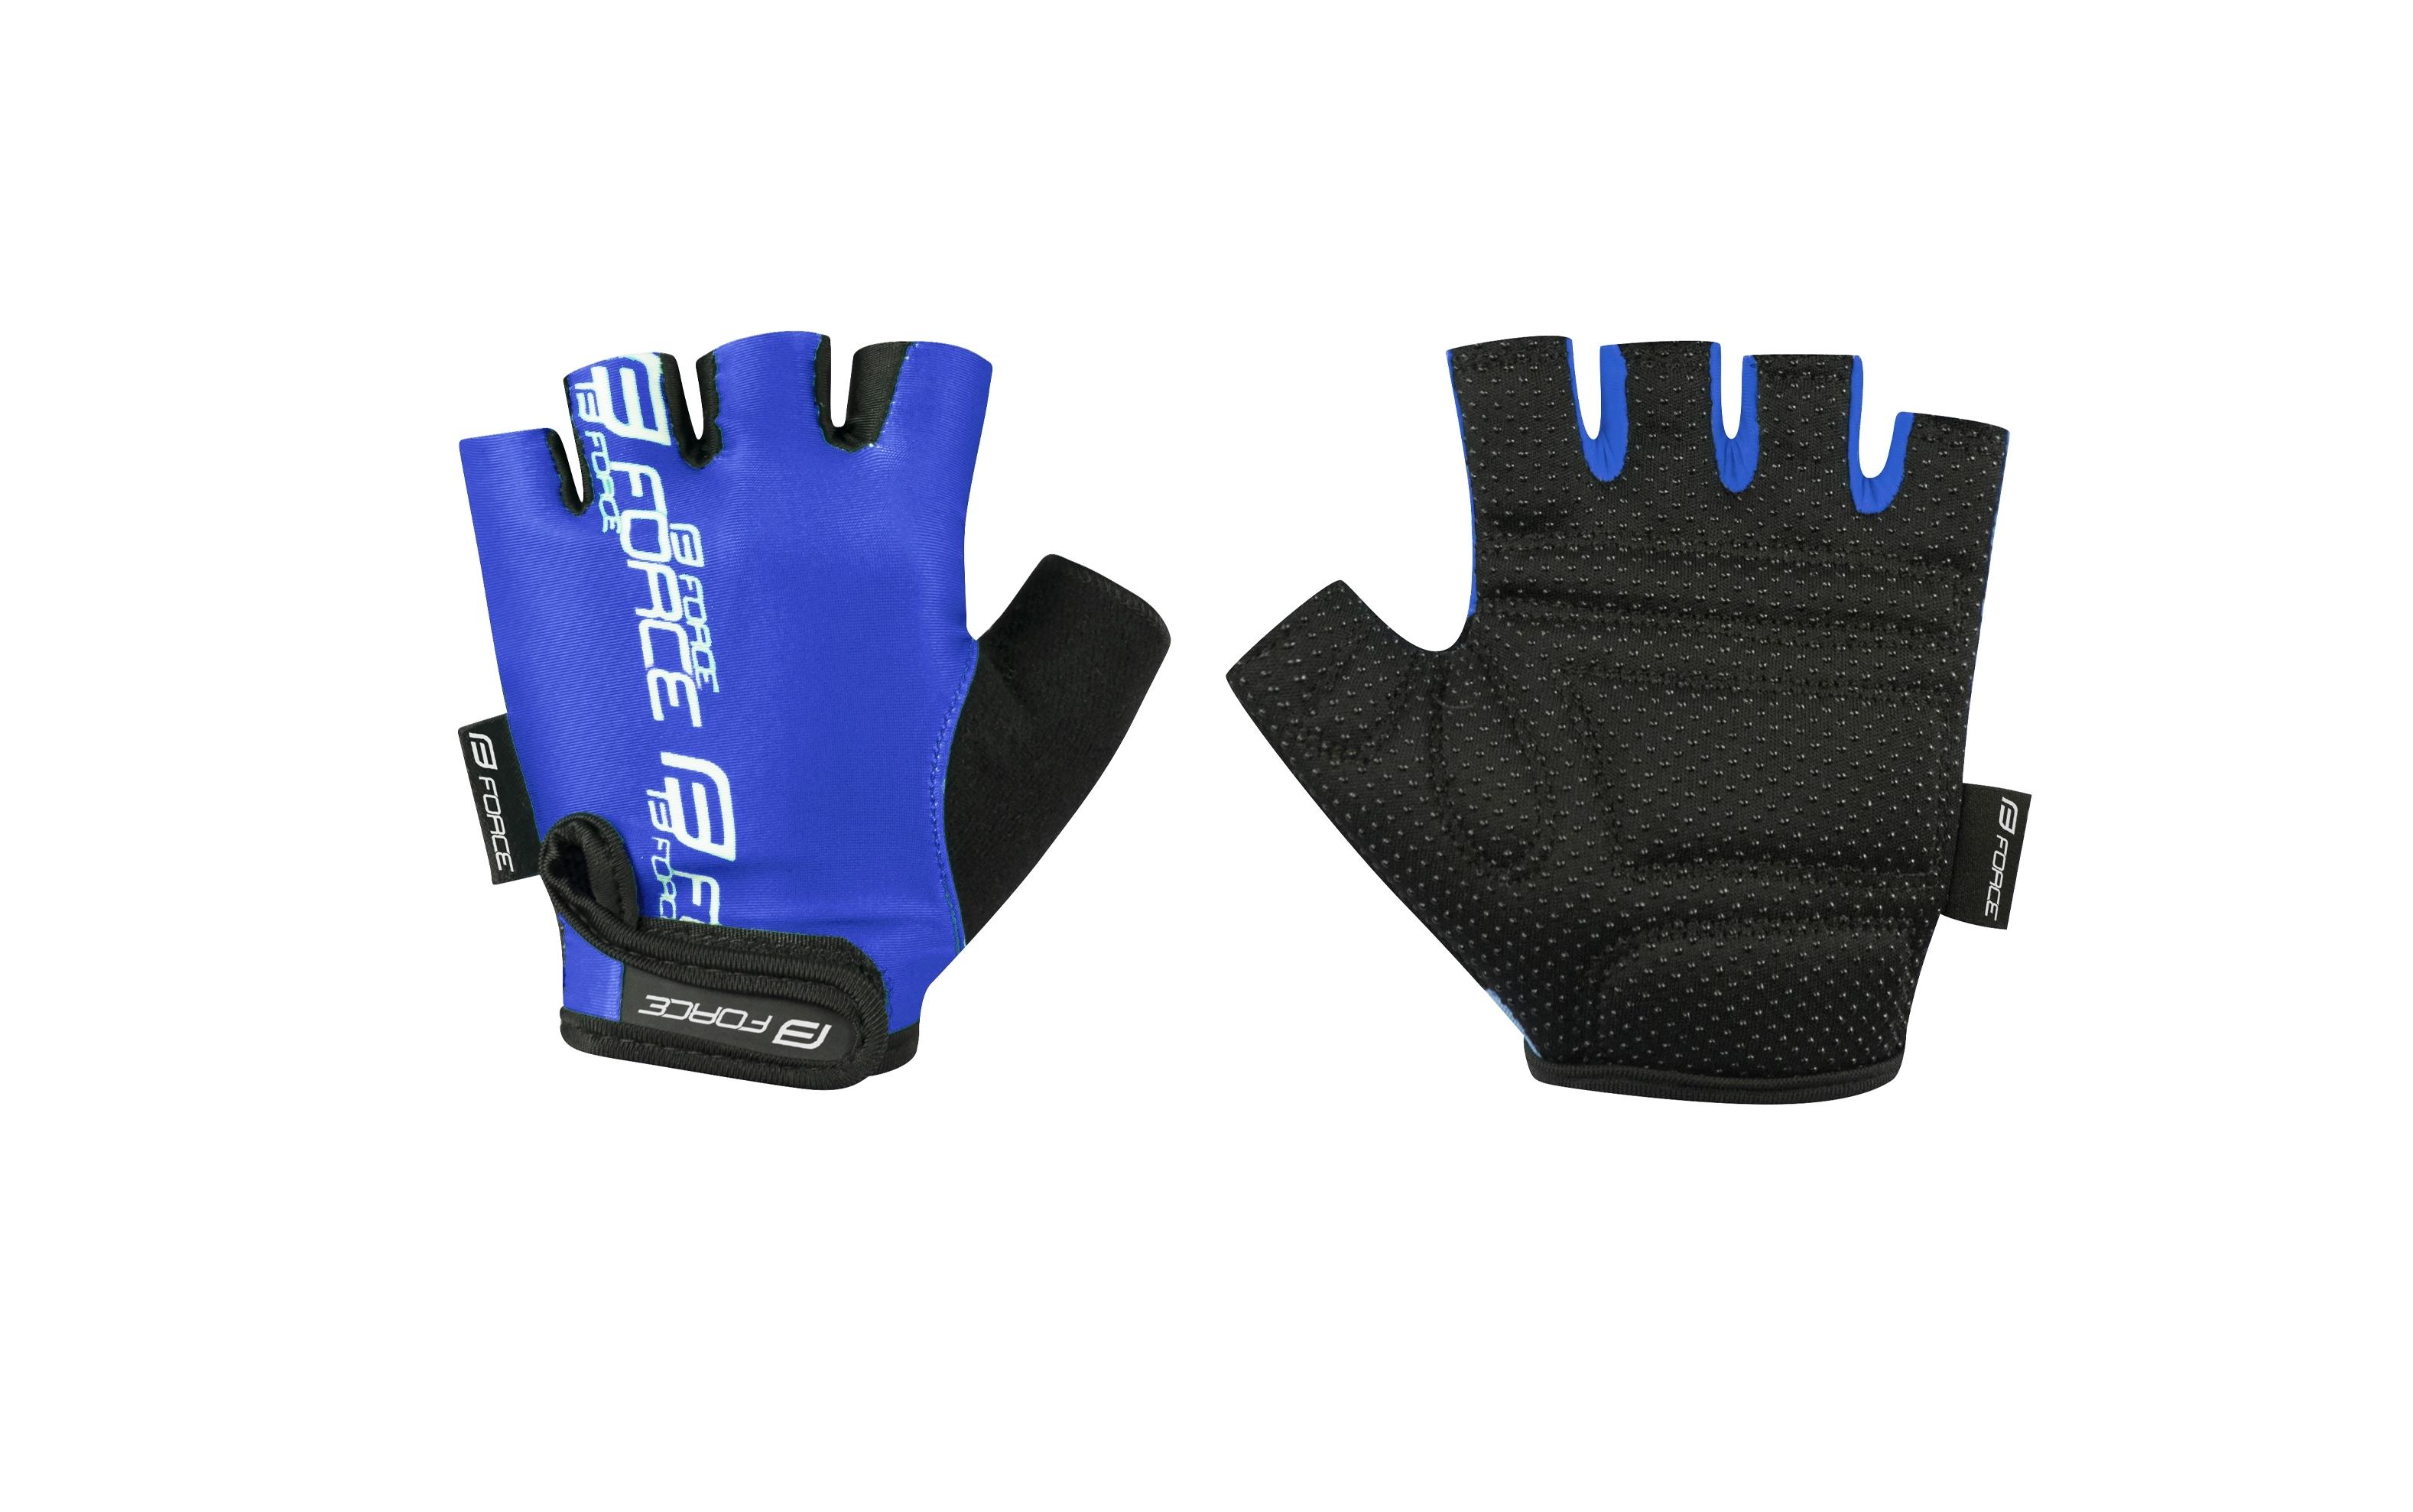 rukavice FORCE KID dětské dětské, modré XL